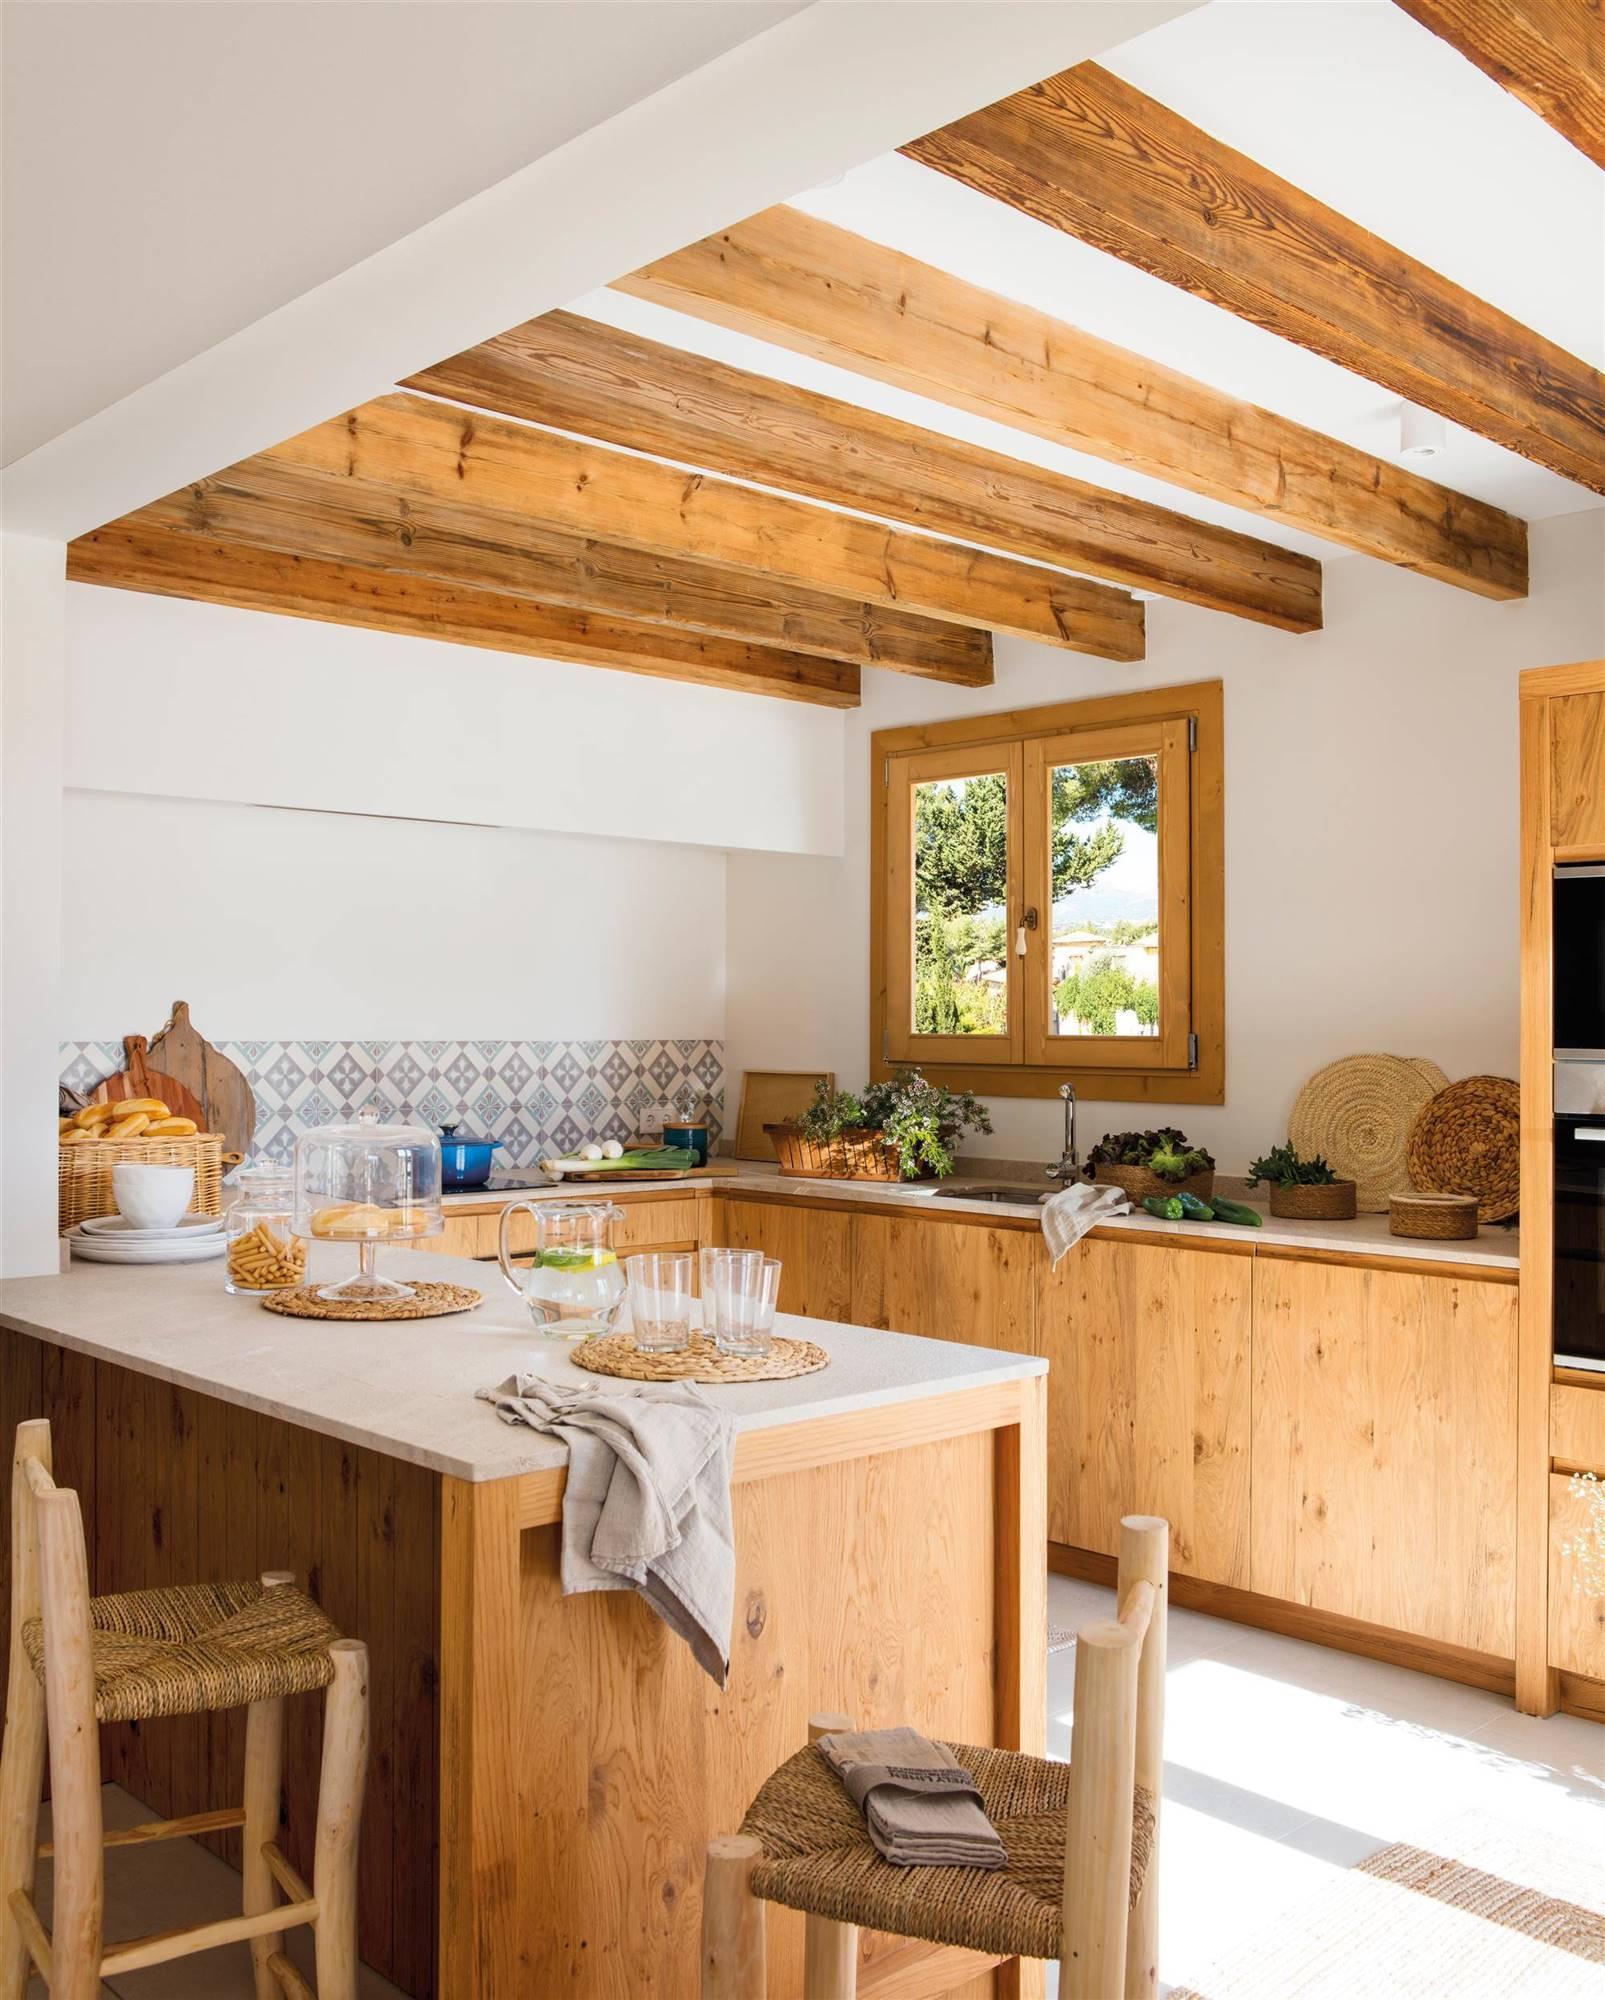 Cocina con puertas de madera en muebles 00508440. Muebles de cocina con puertas de madera